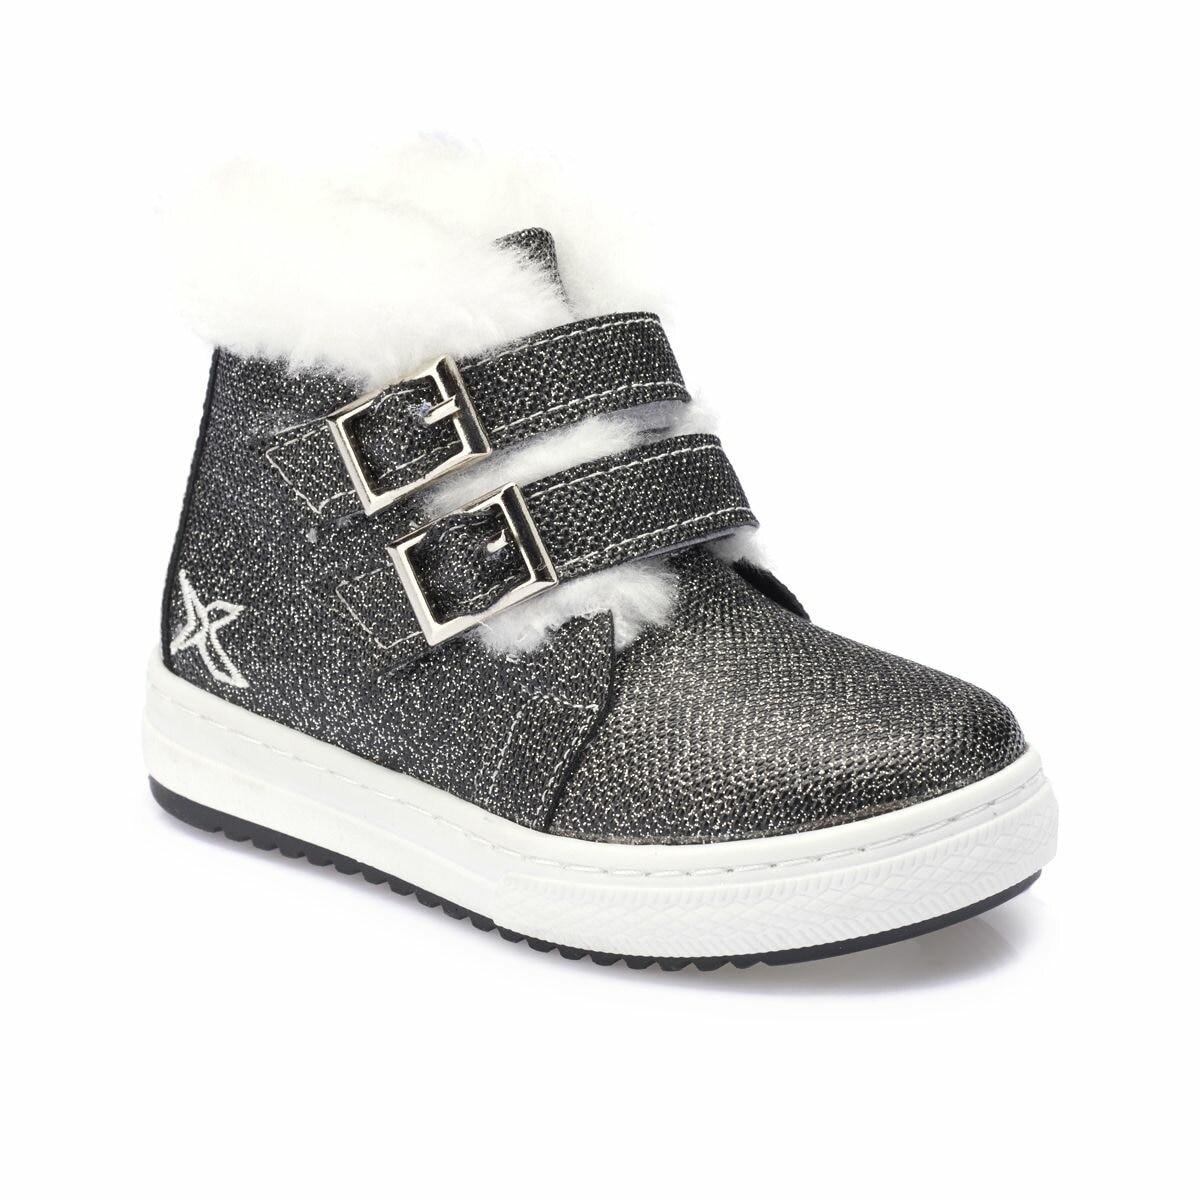 FLO HOLA Gray Female Child Boots KINETIX